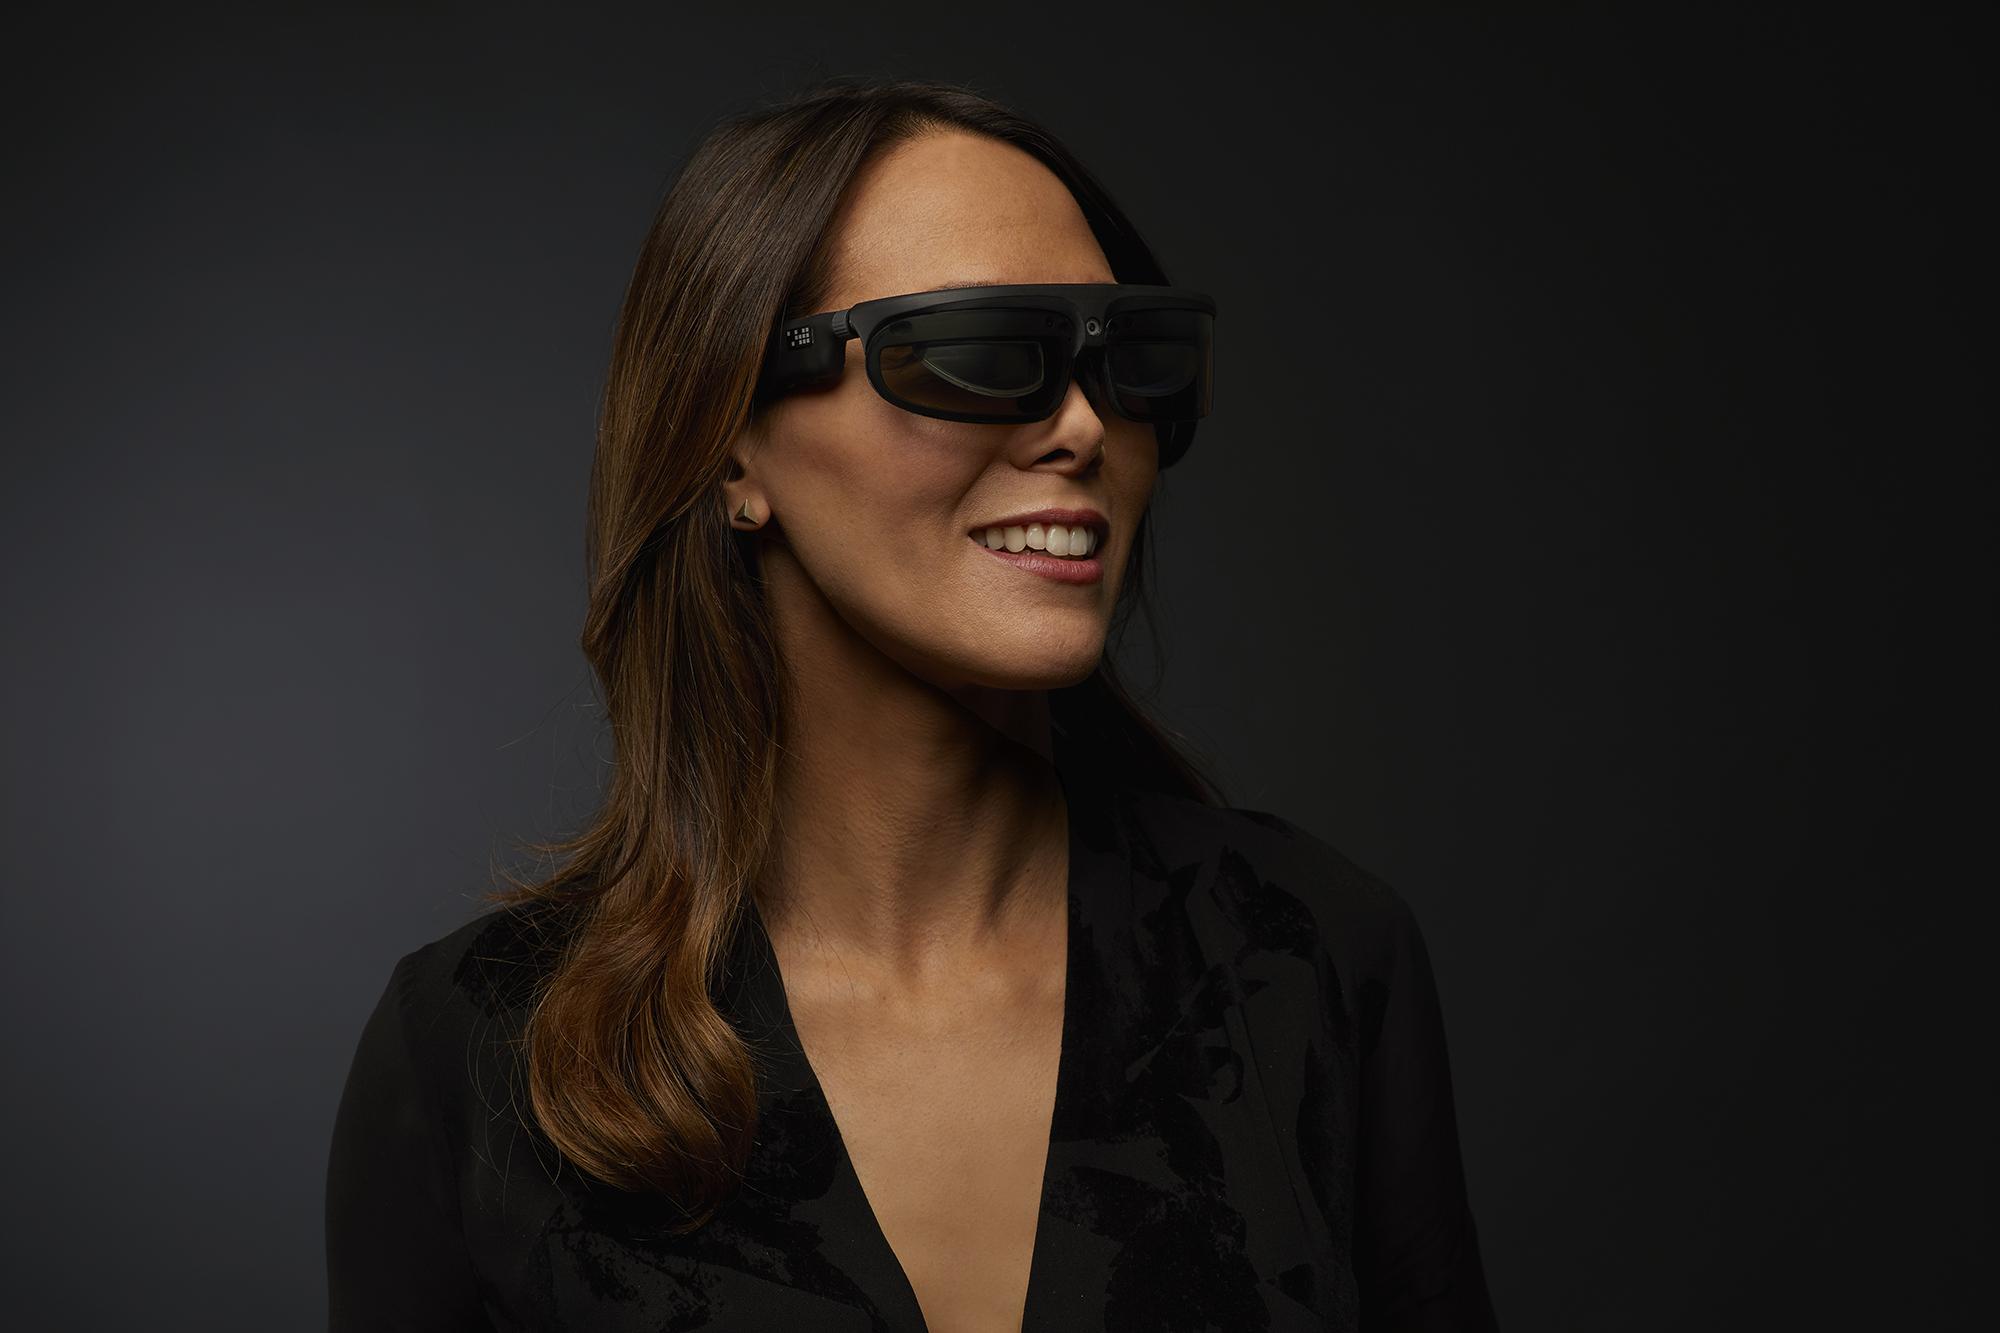 R8 smartglasses model